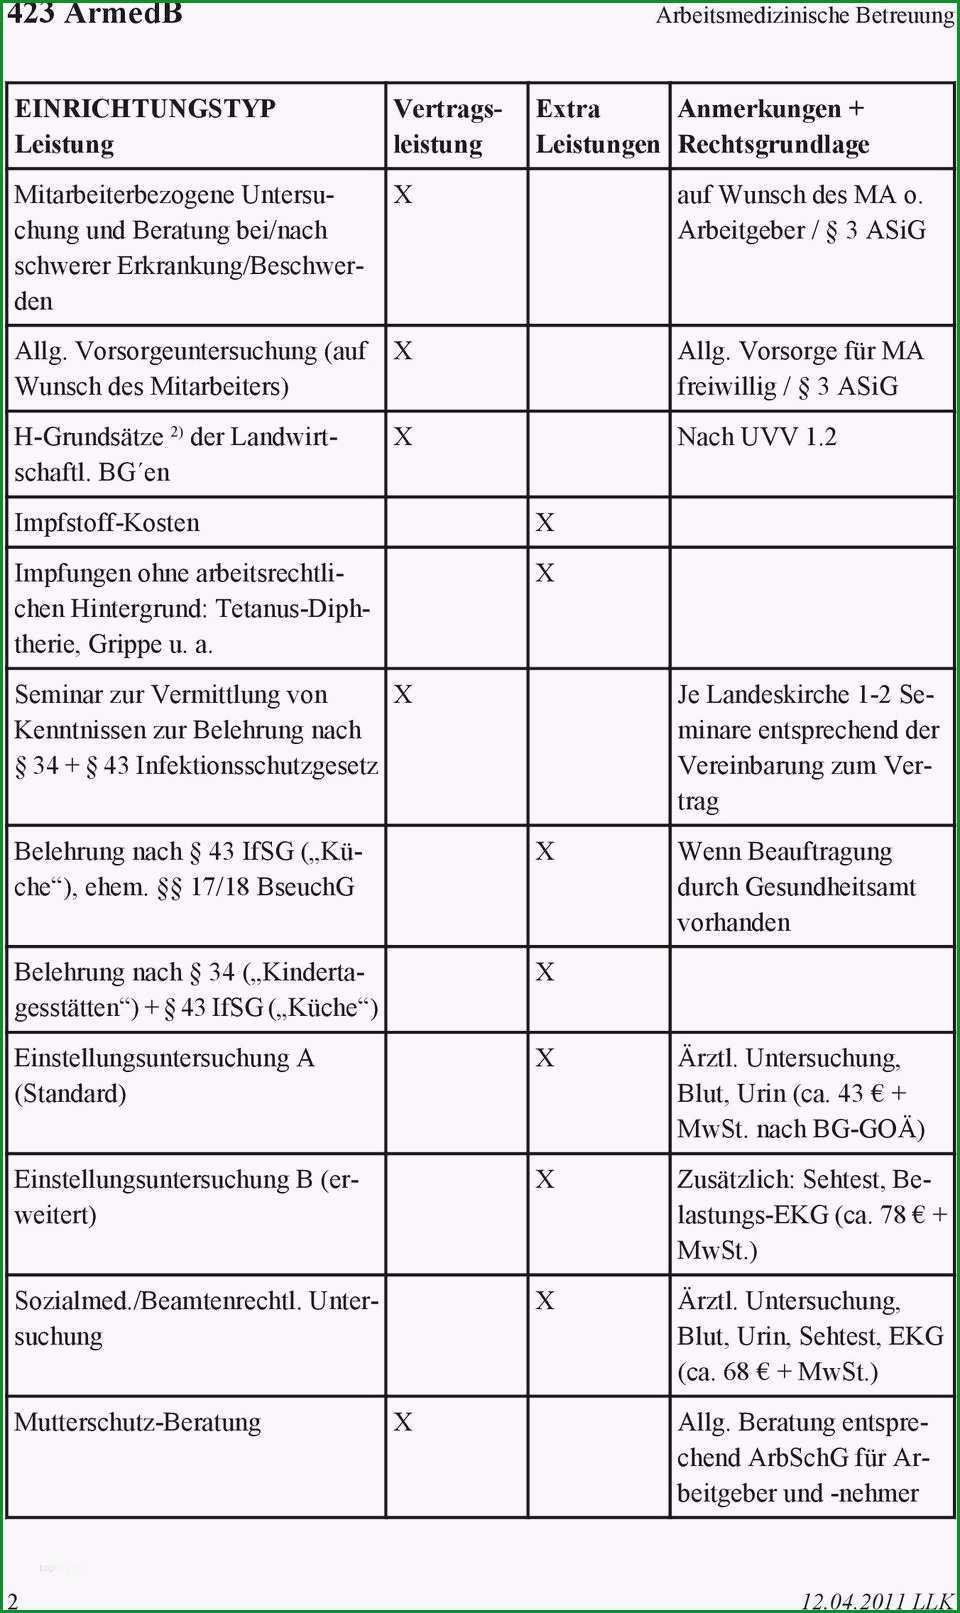 belehrung nach 43 infektionsschutzgesetz vorlage